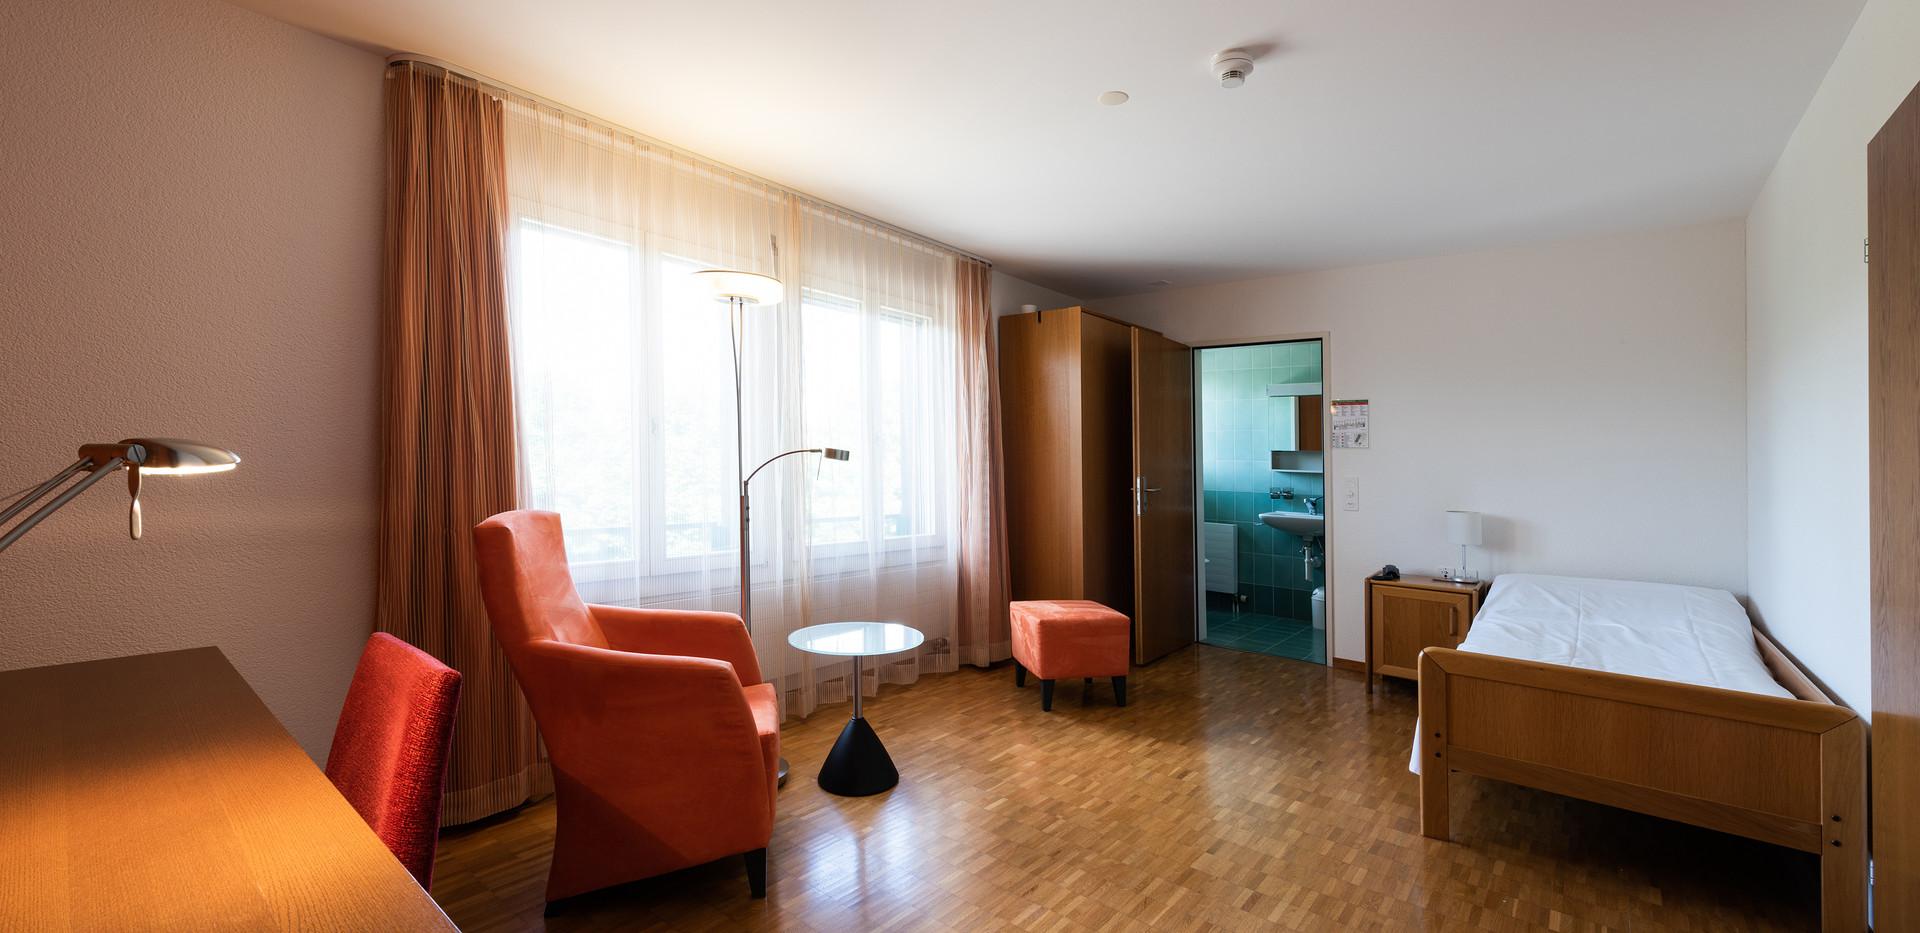 Einzelzimmer Kloster Rickenbach